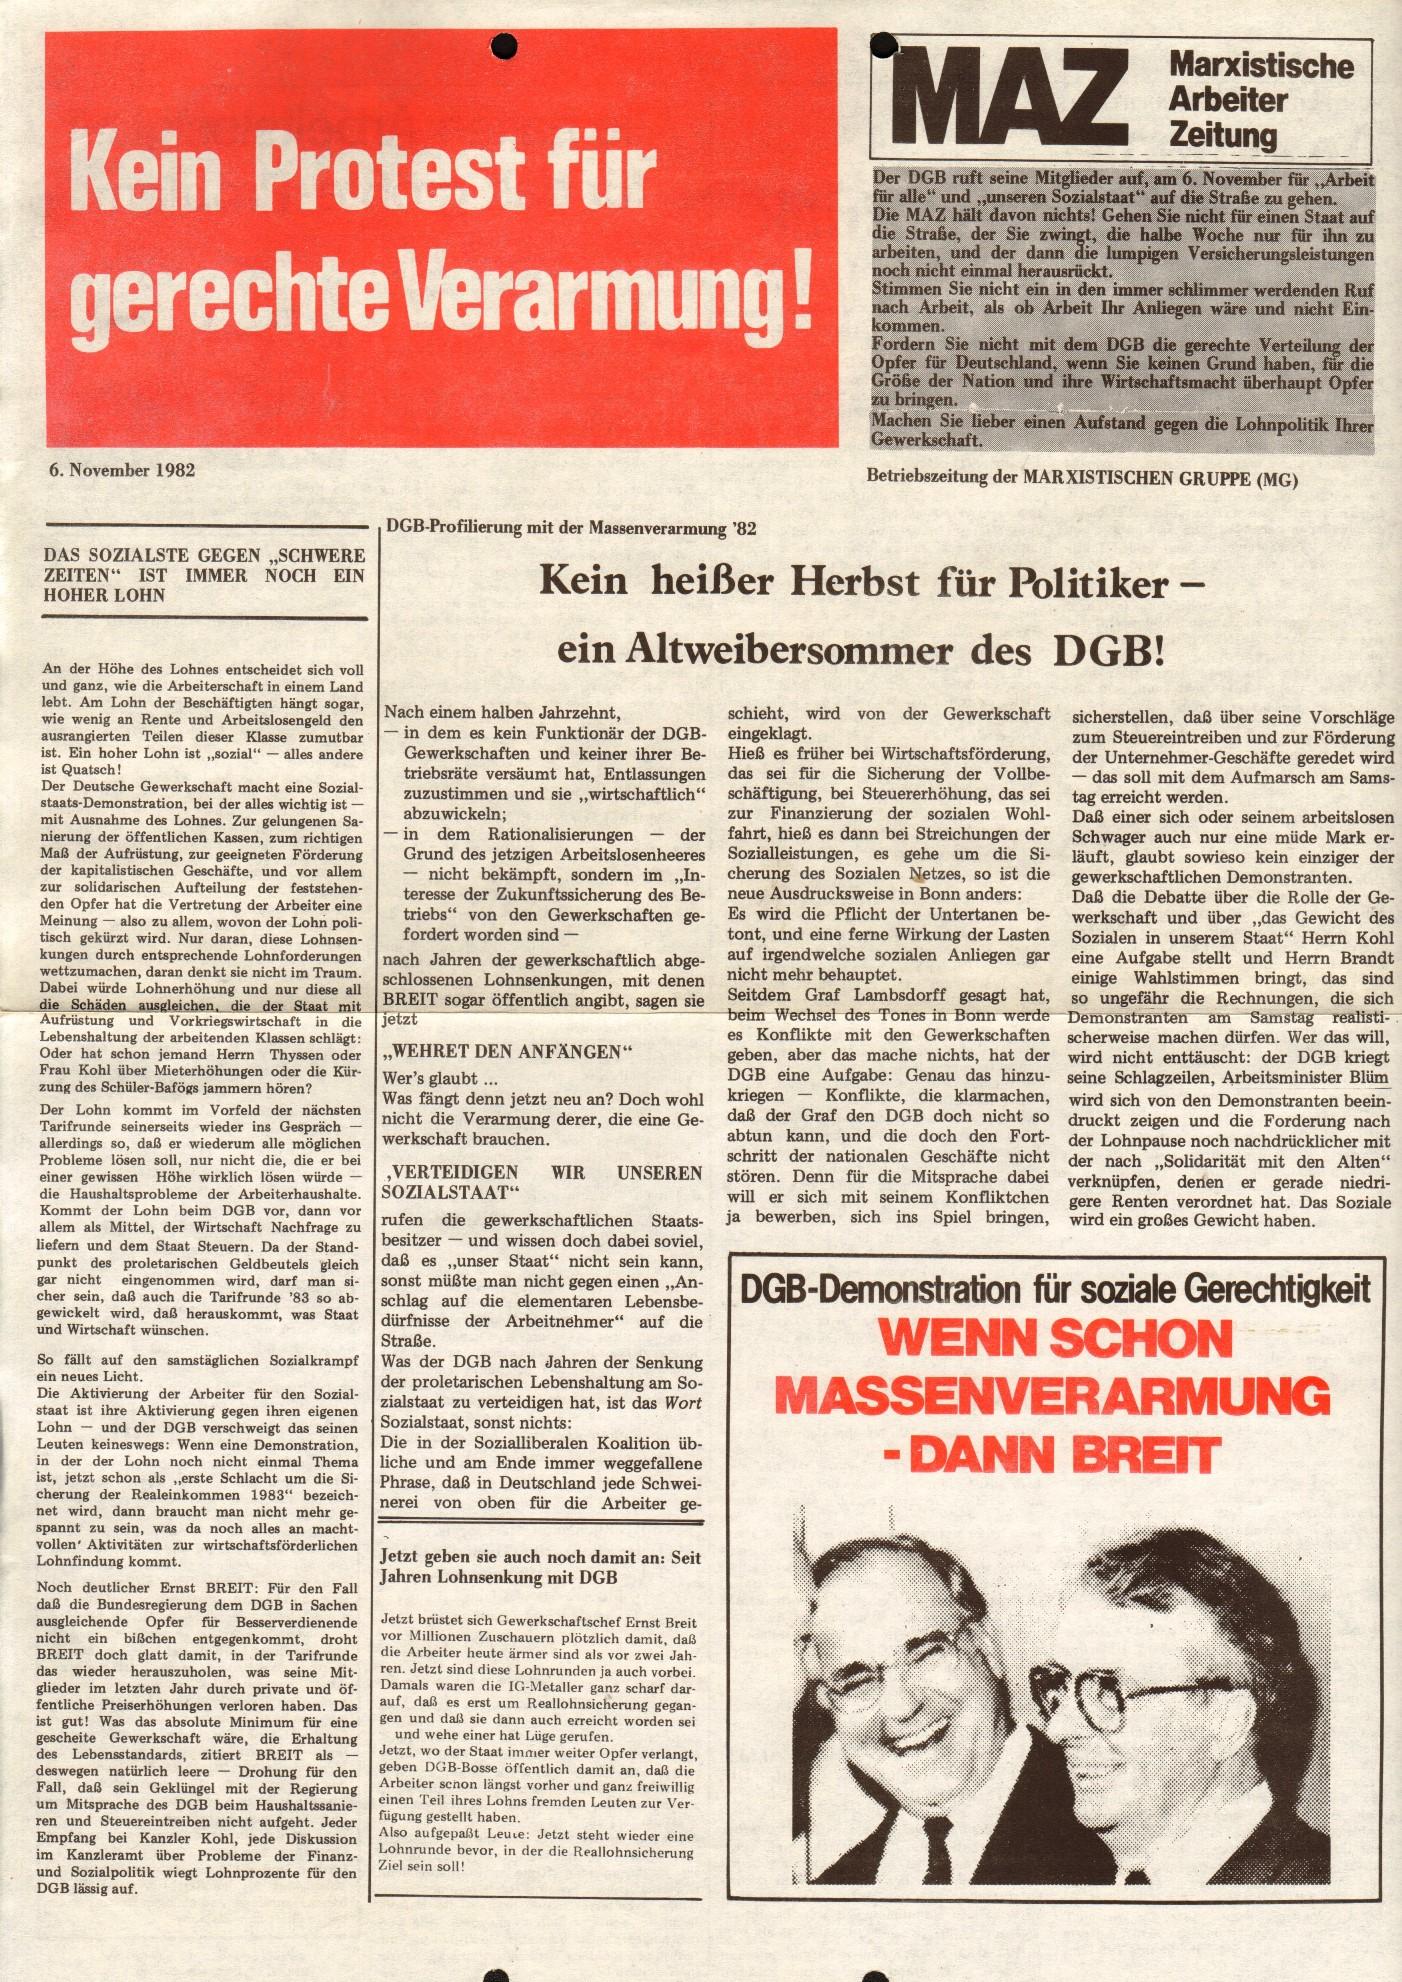 Hamburg_MG_MAZ_19821106_01